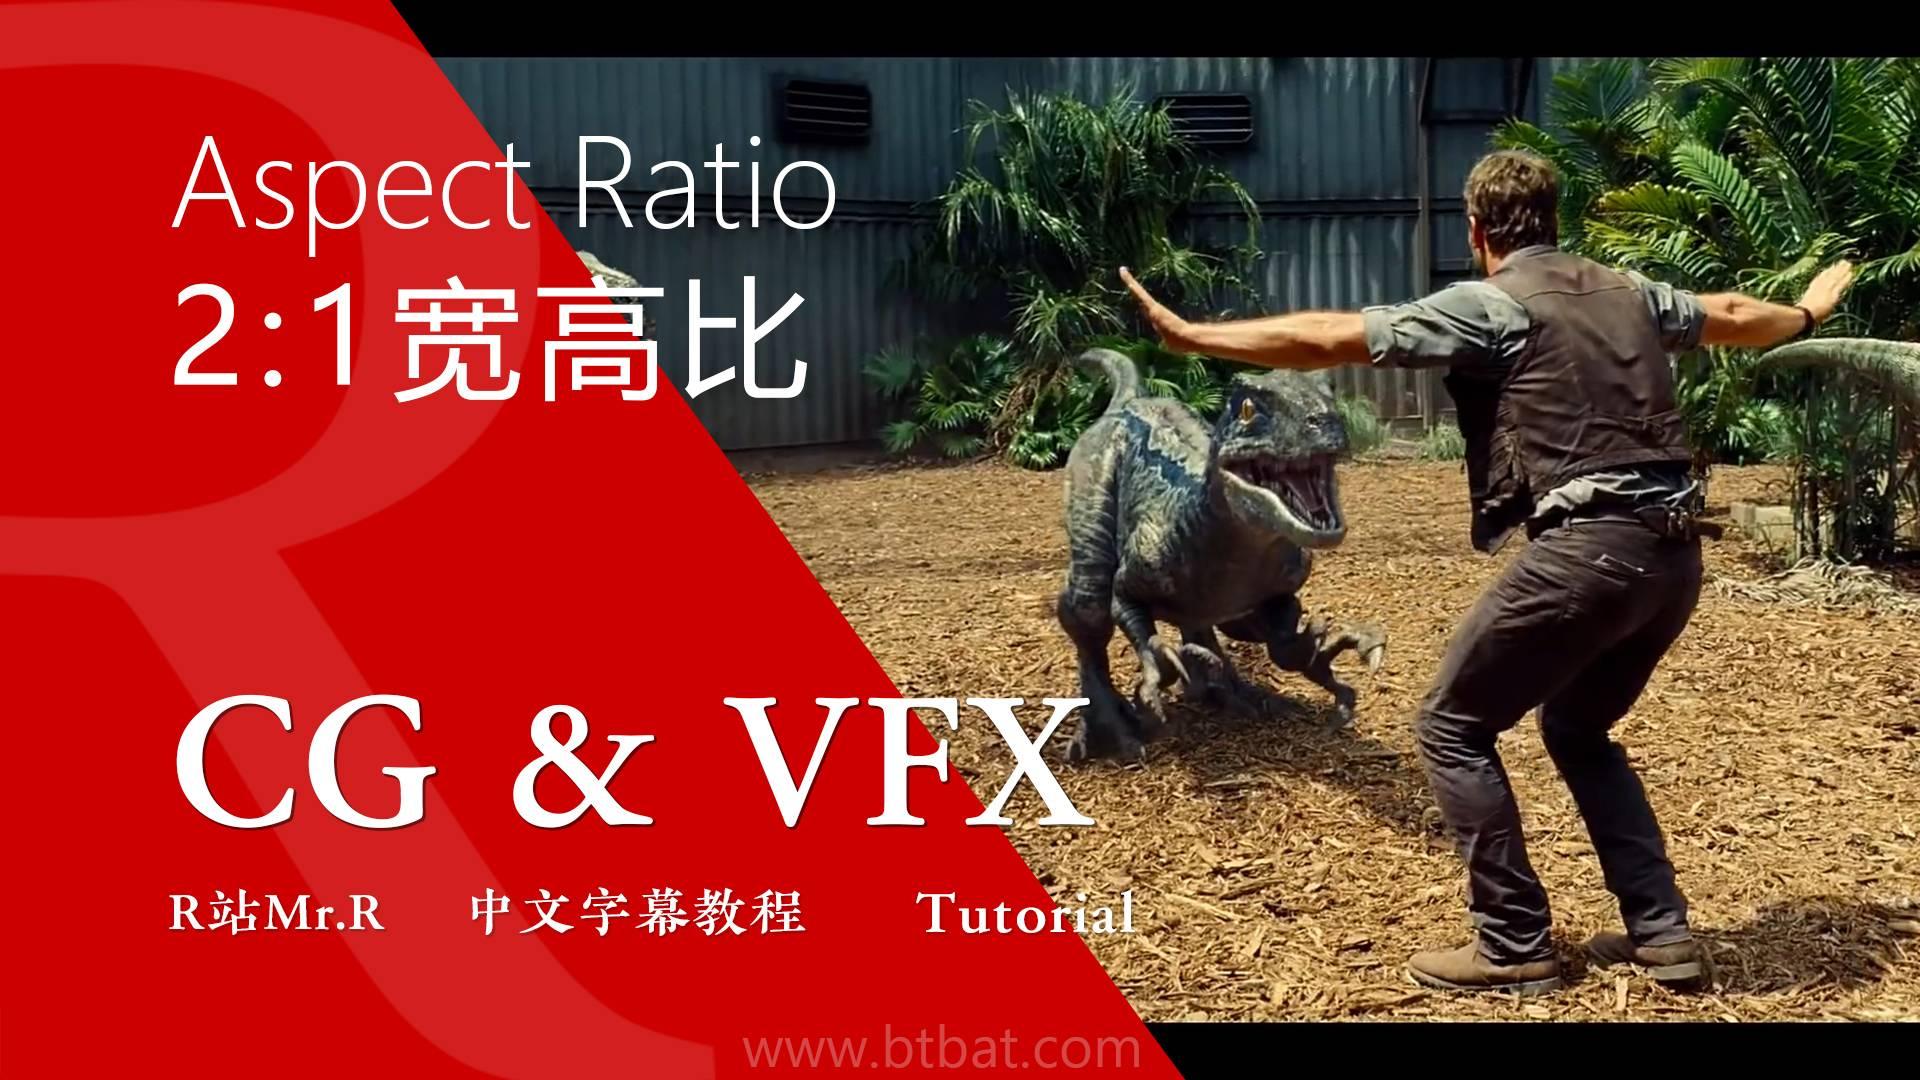 【R站译制】CG&VFX《摄像机指南》影视作品中的2:1宽高比 Aspect Ratio 视频教程 免费观看 - R站|学习使我快乐! - 1